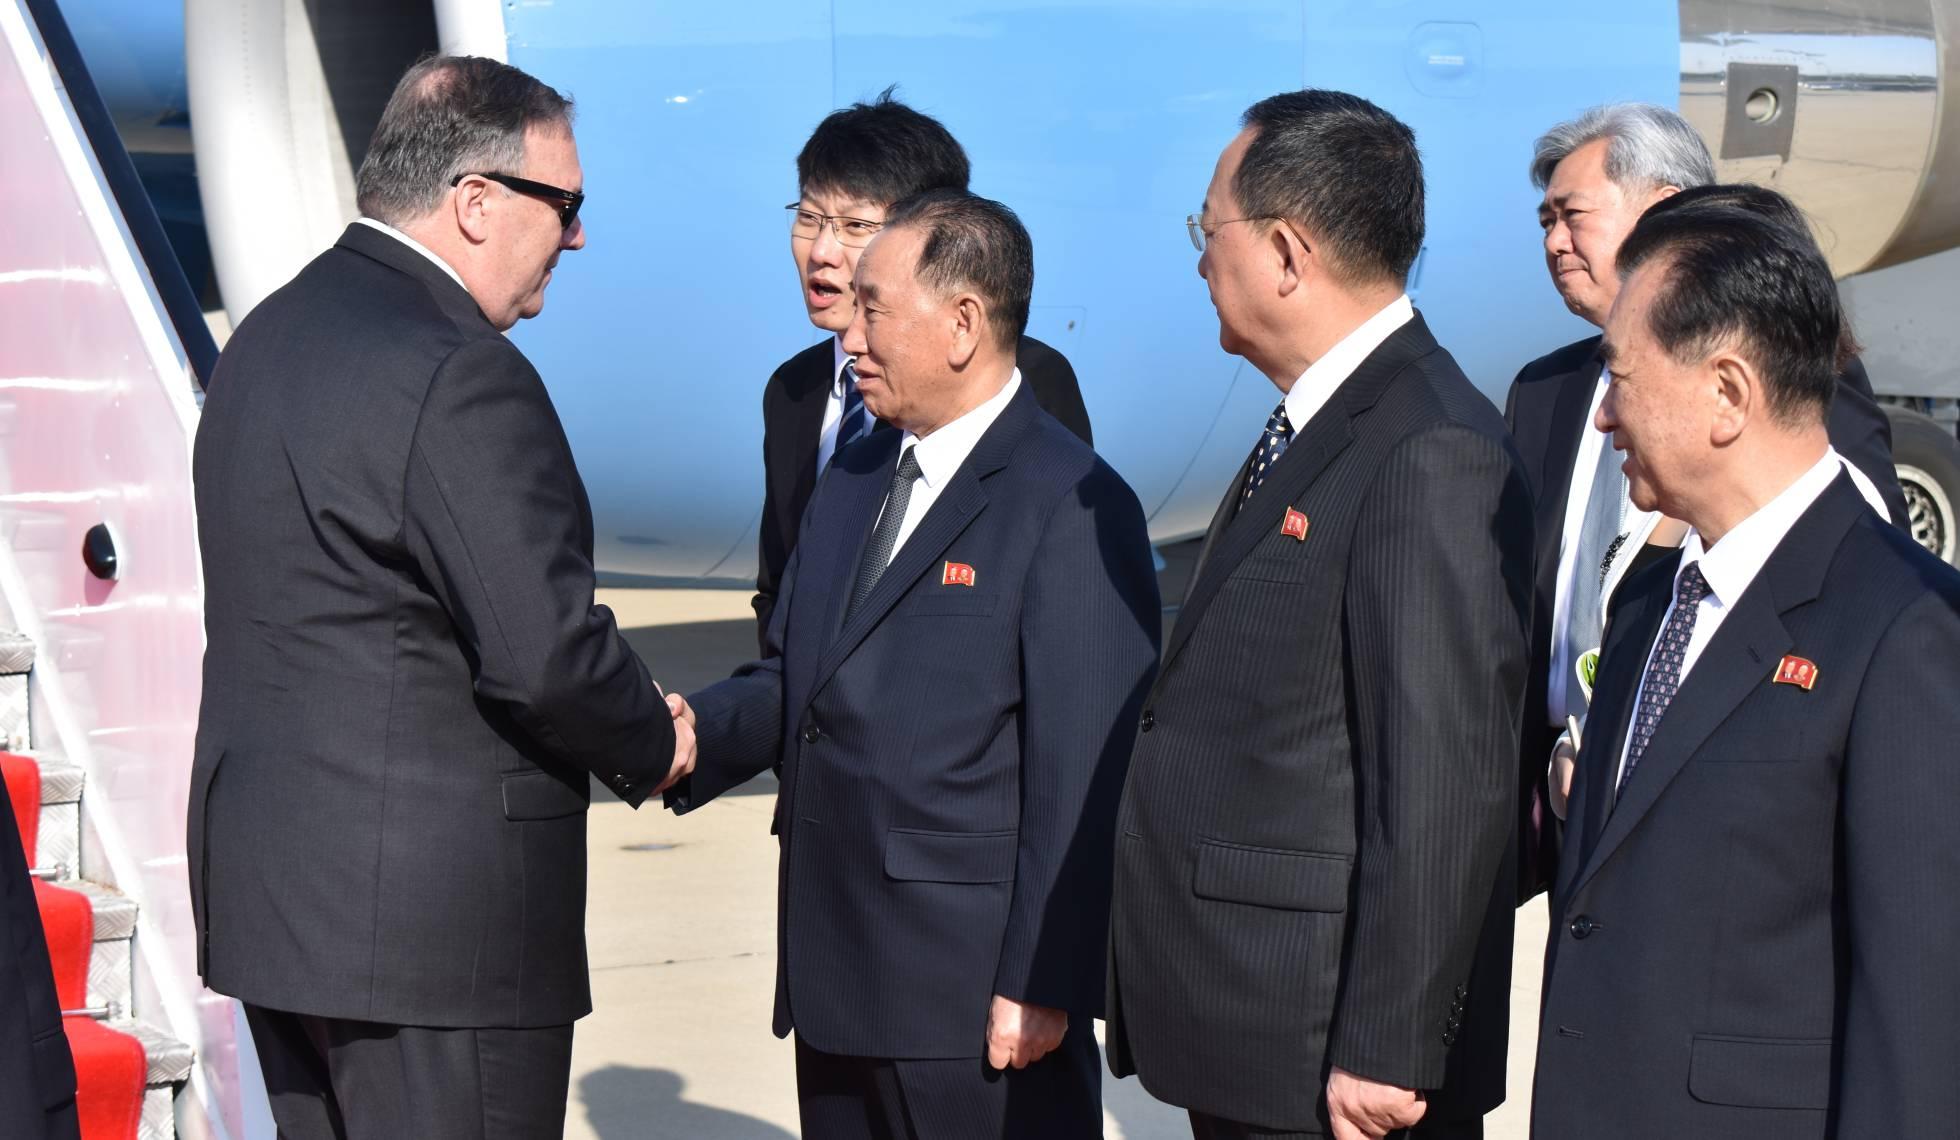 guerra - Corea Del Norte...¿La guerra se acerca? - Página 30 1525869618_752843_1525877633_noticia_normal_recorte1